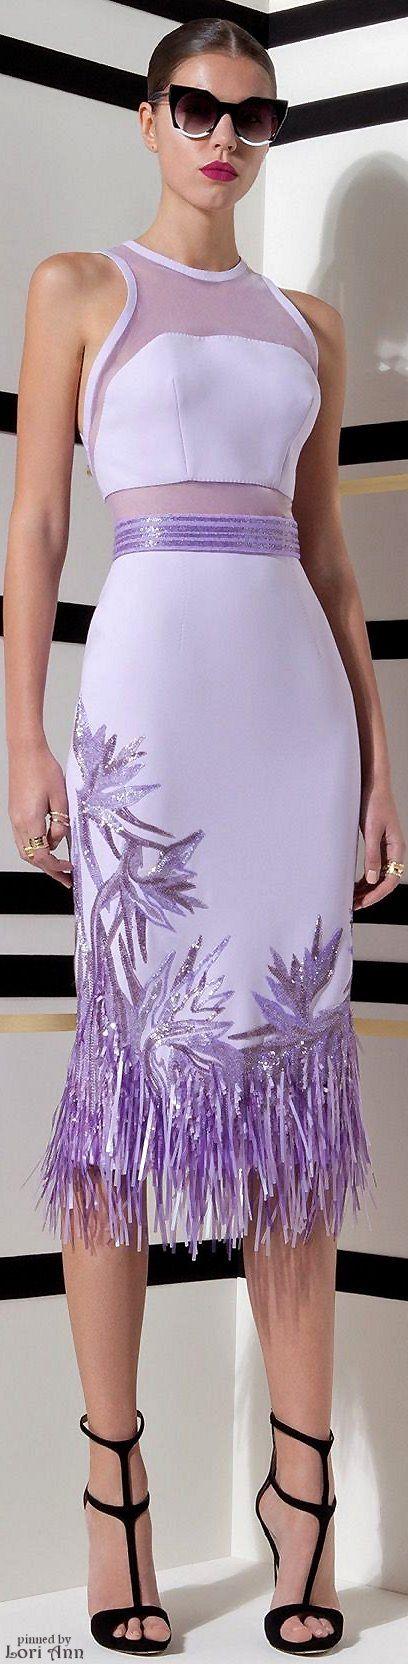 Pin de Sylvia Harris en Wear | Pinterest | Lilas, Vestiditos y ...